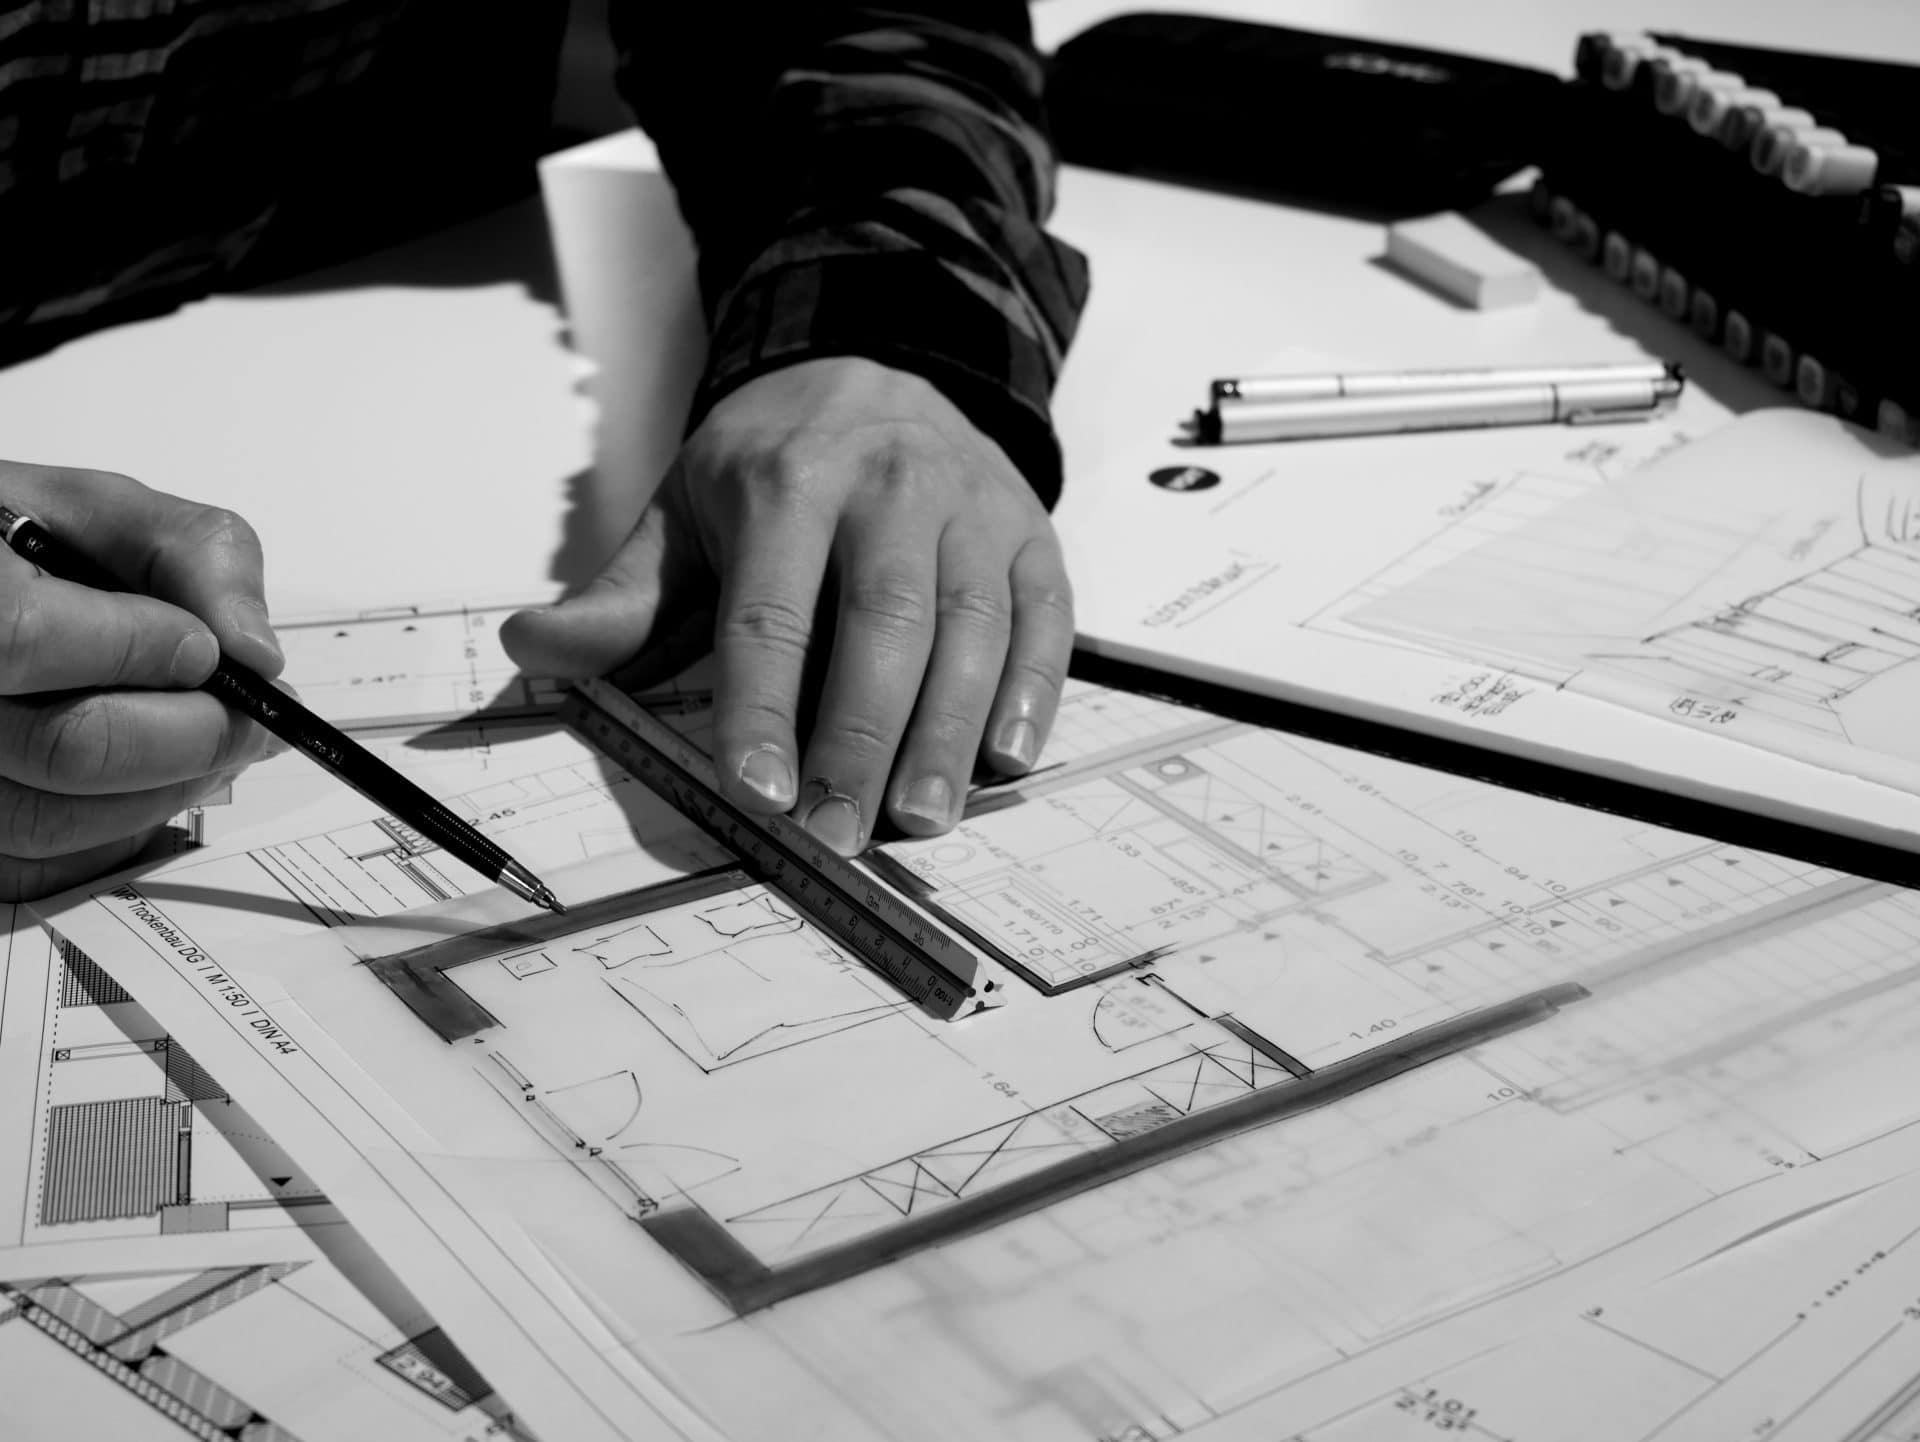 Innenarchitektur und Planung - Innenarchitekt entwirft eine neue Inneneinrichtung am Reißbrett mit Linea und Bleistift